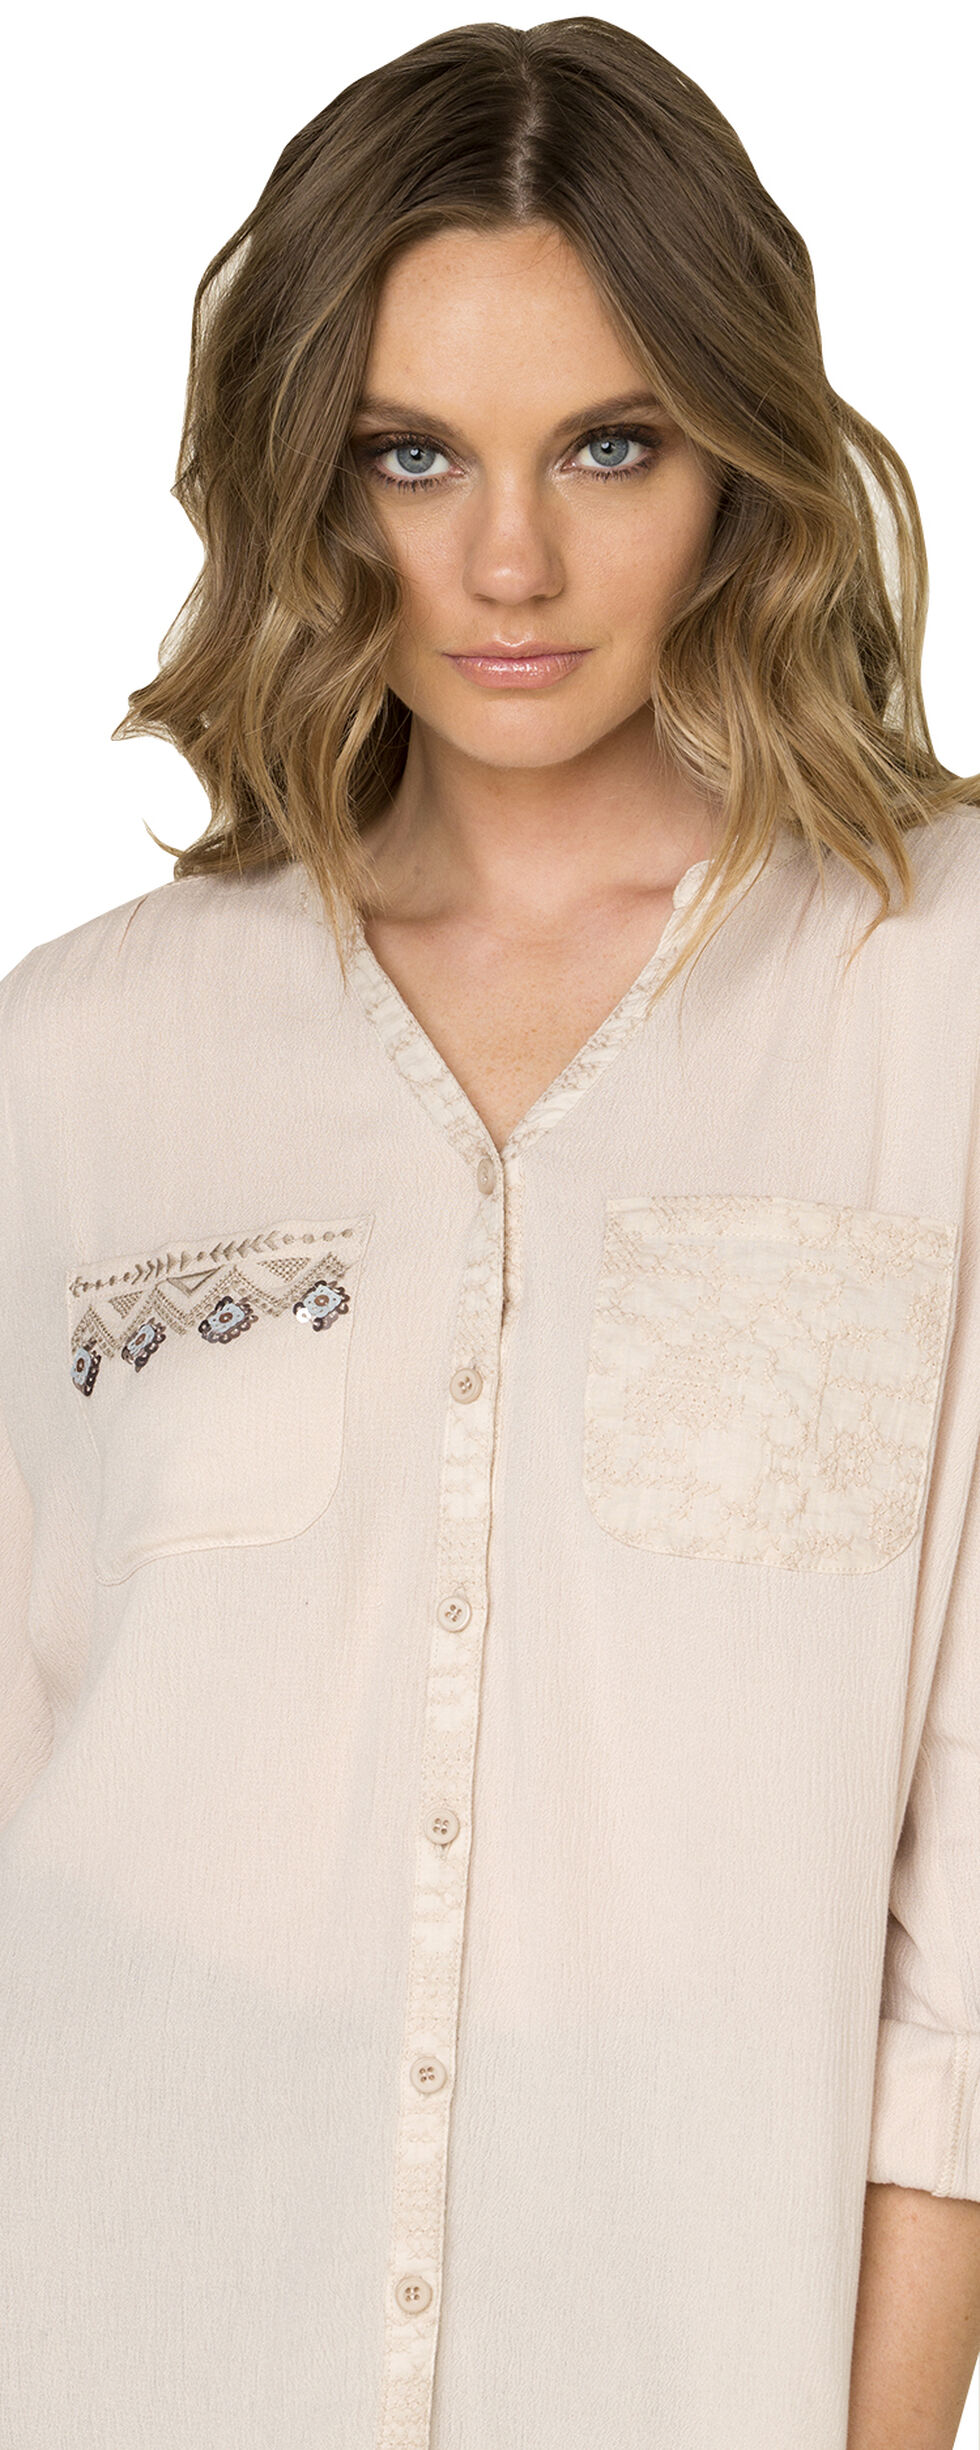 Miss Me Women's Sequined Sateen Top, Beige, hi-res